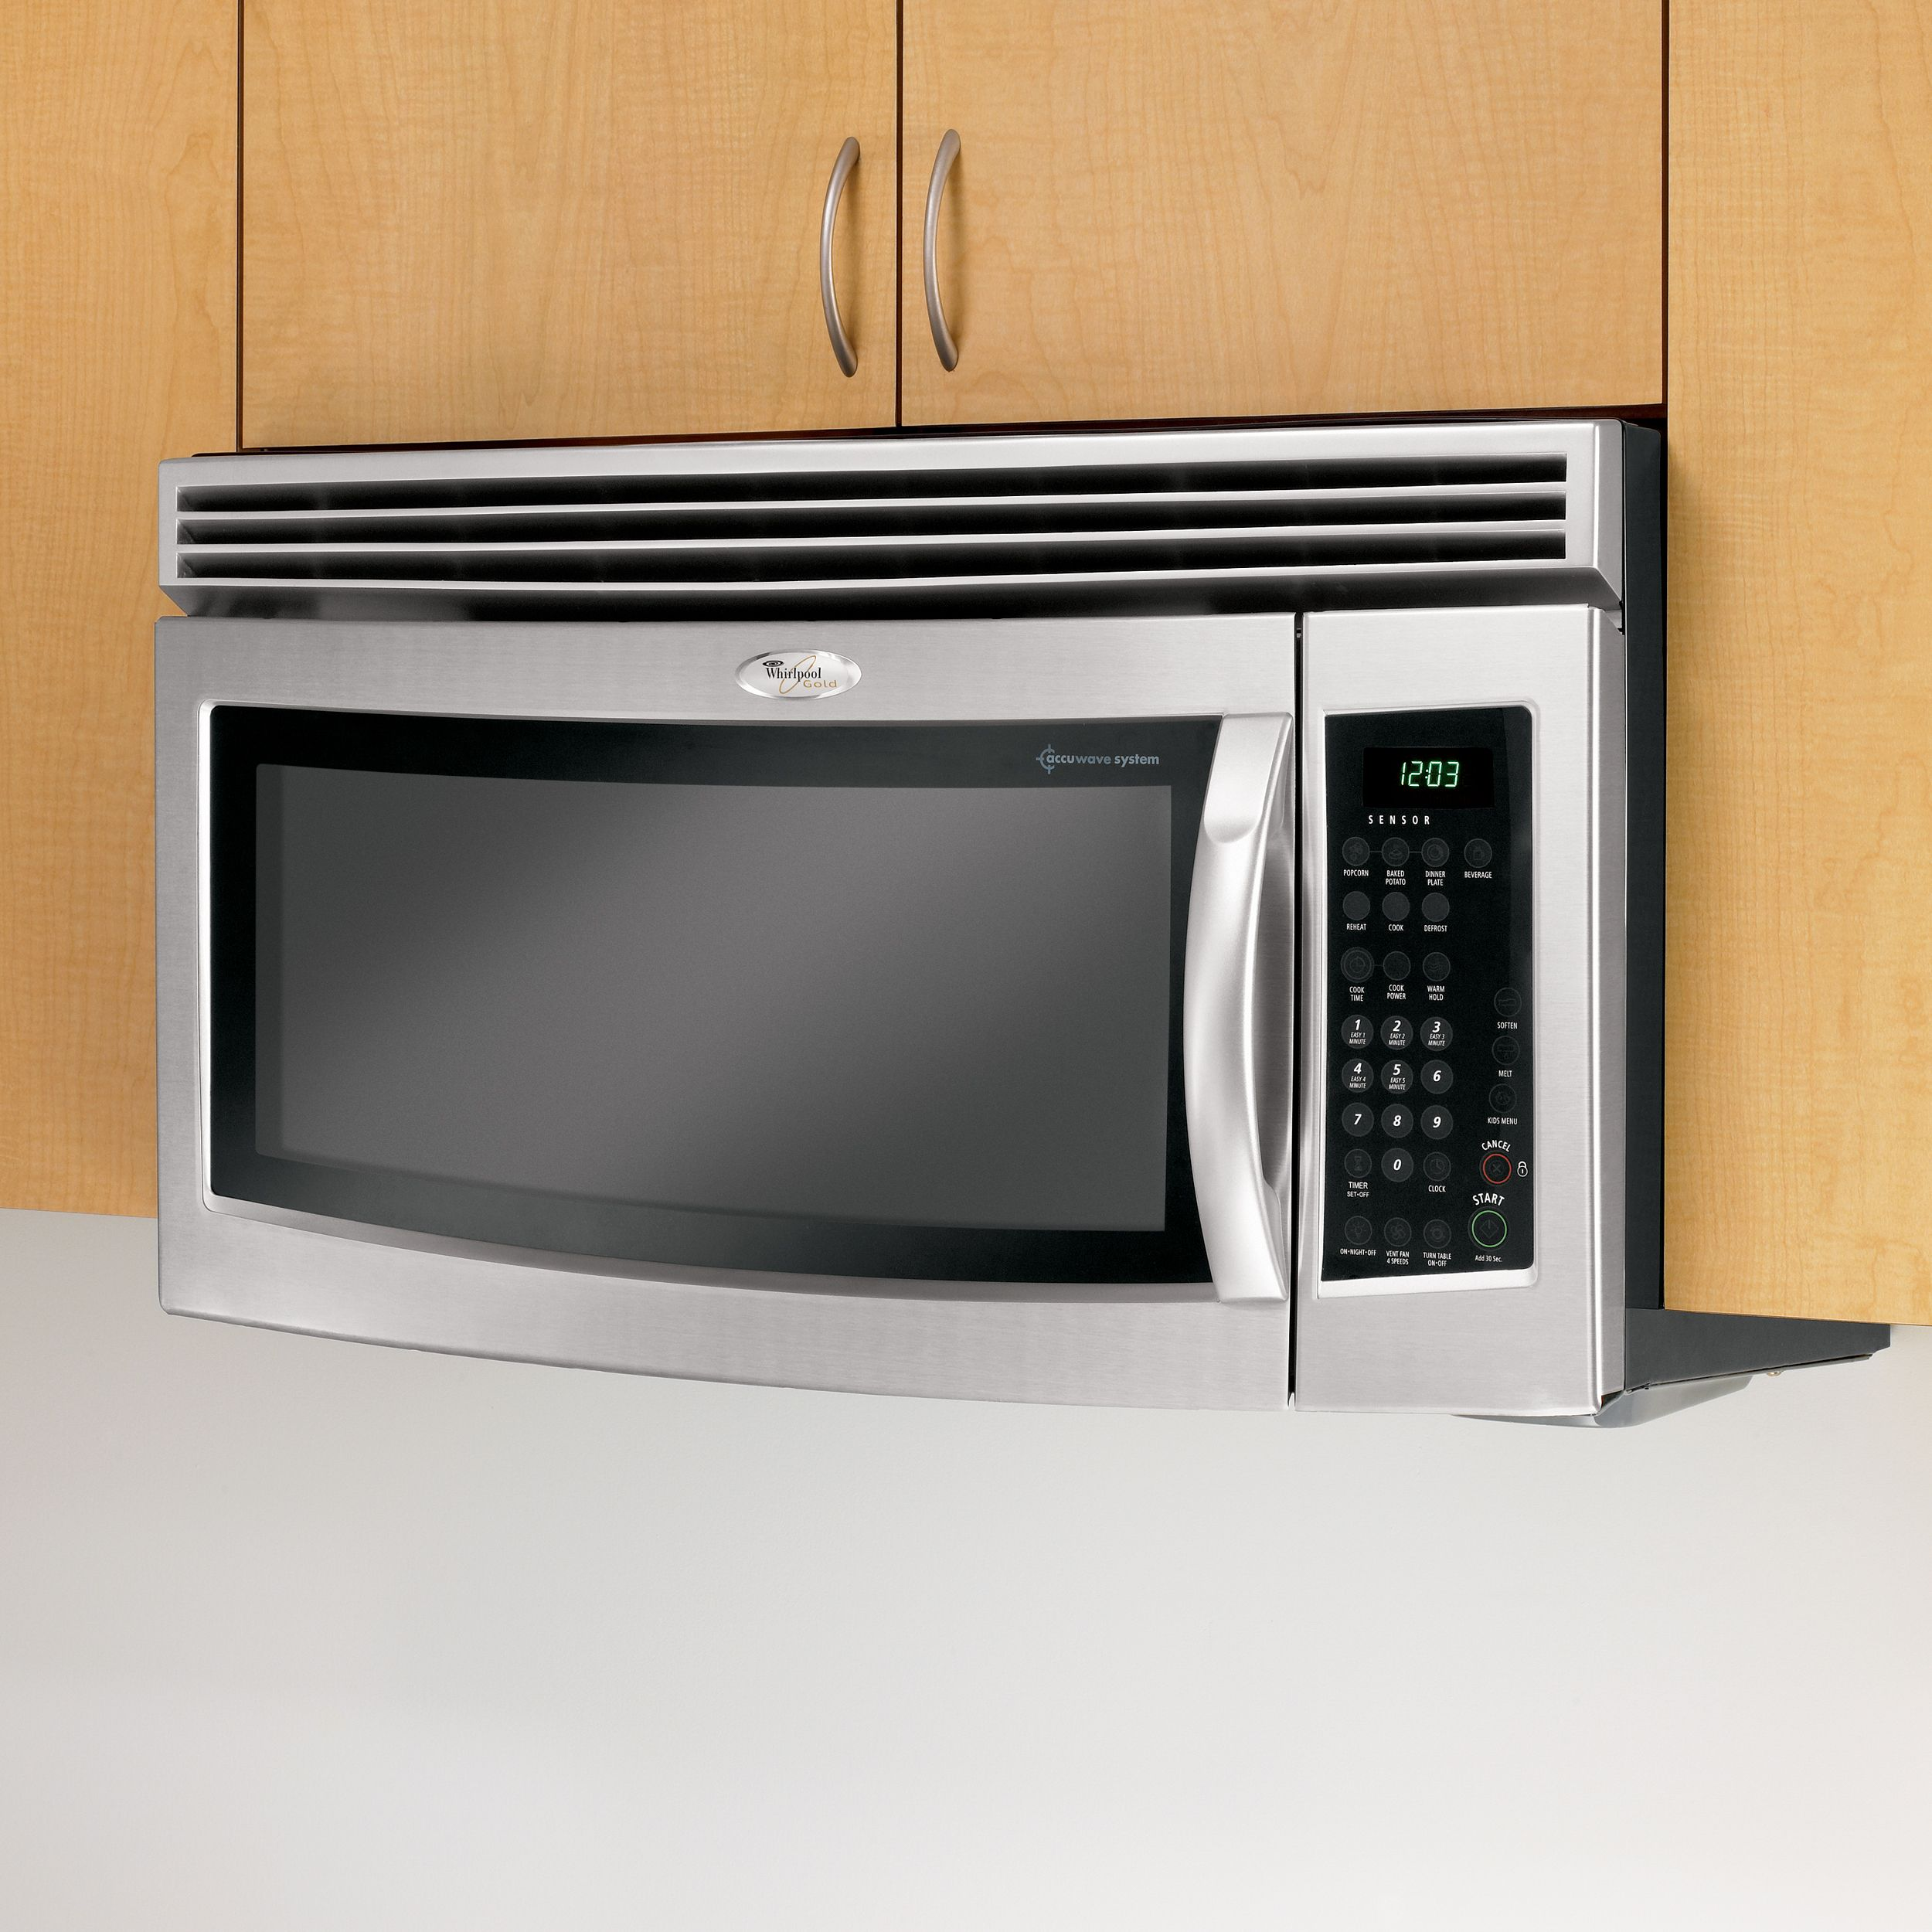 whirlpool microwave hood wiring diagram model gh5184xps3 design [ 2500 x 2500 Pixel ]